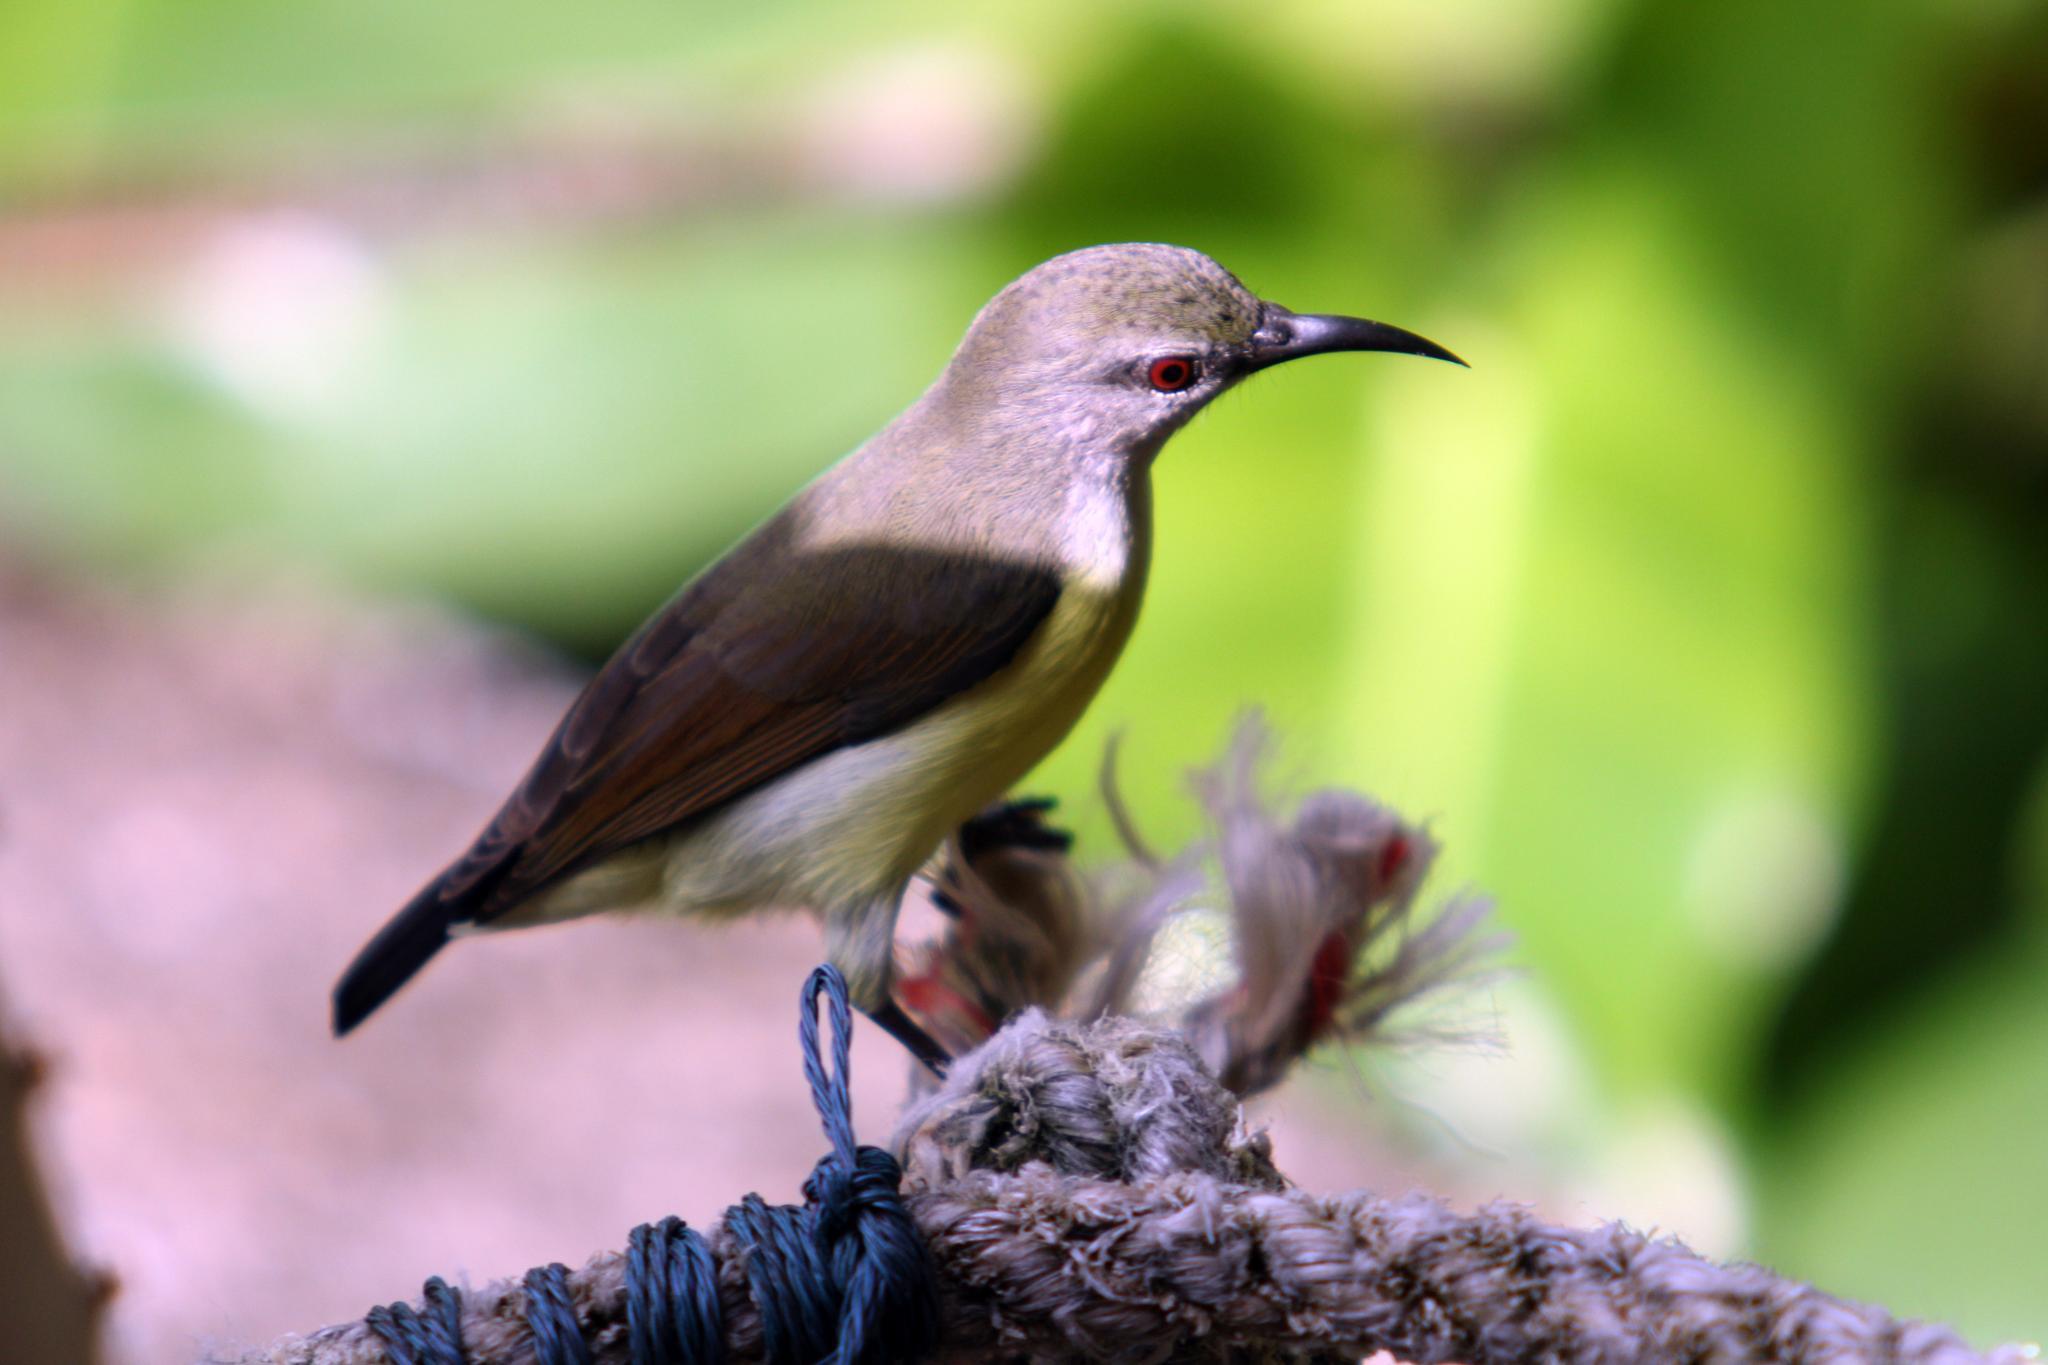 Common Tailorbird by sujesh